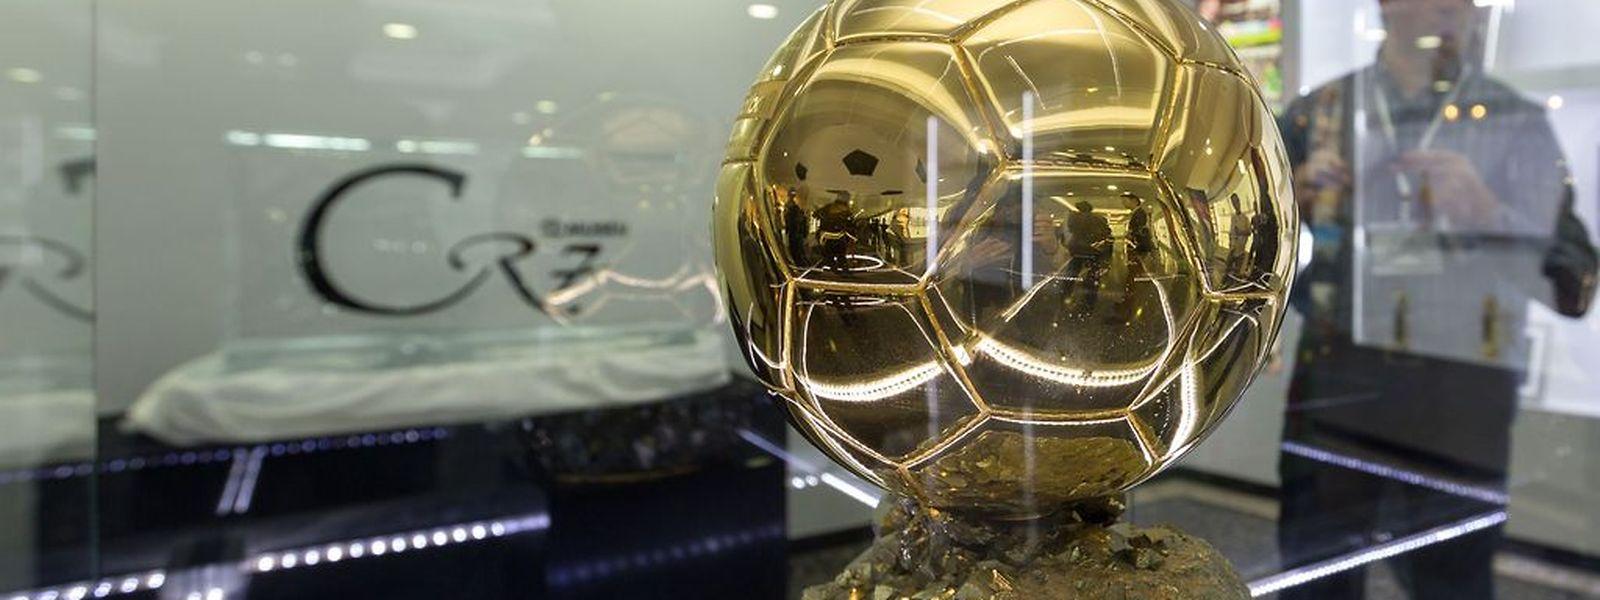 Un nouveau trophée dans sa vitrine? Cristian Ronaldo est le favori à sa succession dans la course au Ballon d'Or.